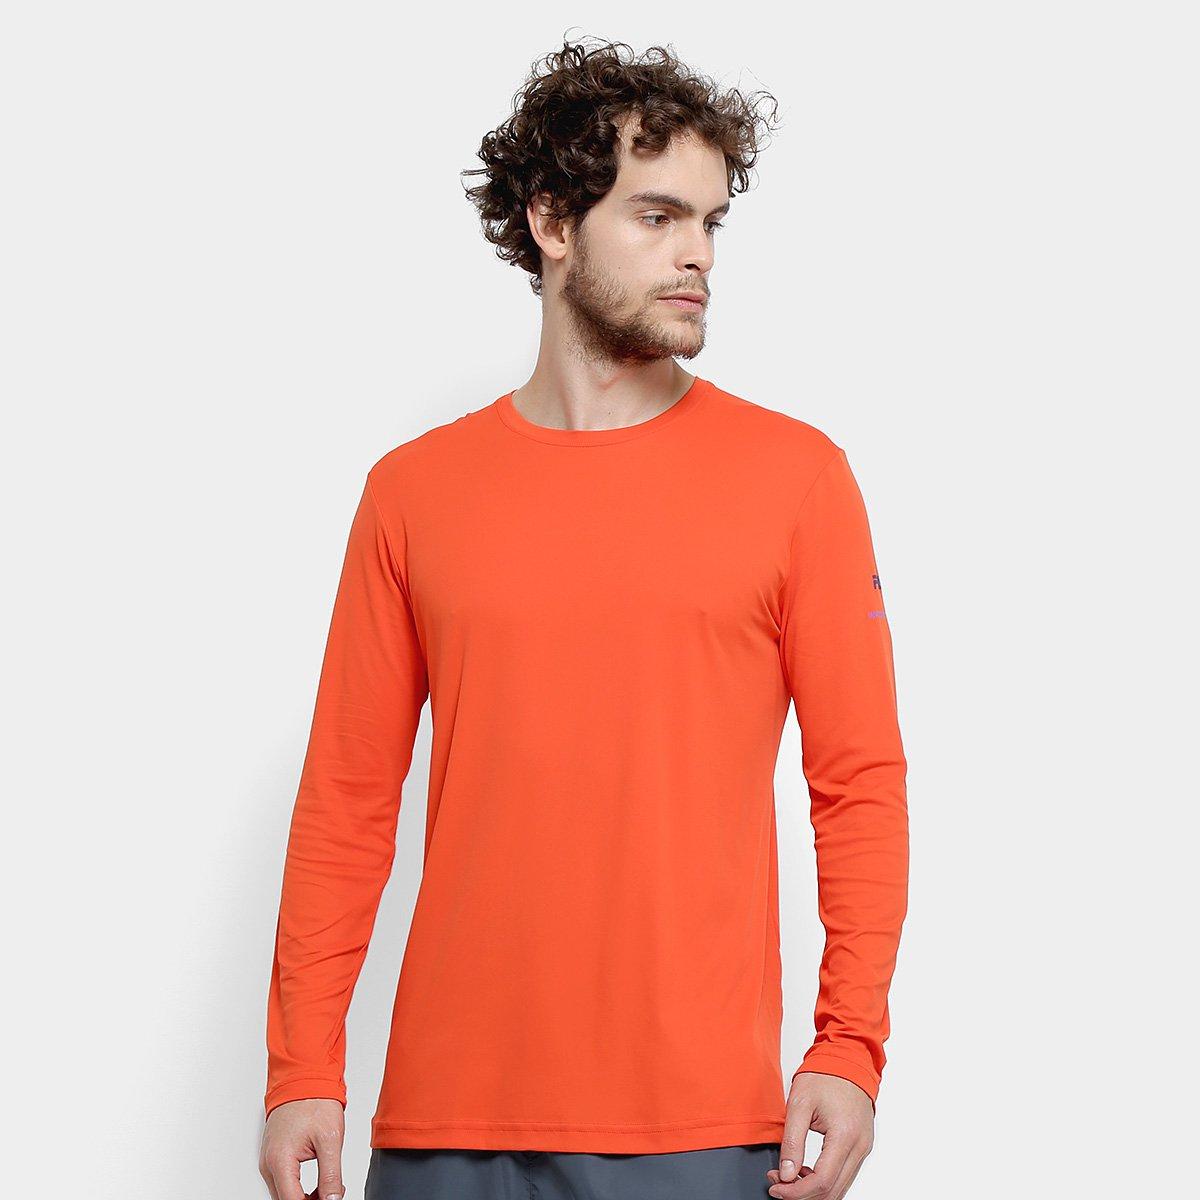 74c52f7f825eef Camiseta Manga Longa Fila Basic Com Proteção UV Masculina - Laranja e  Marinho | Allianz Parque Shop